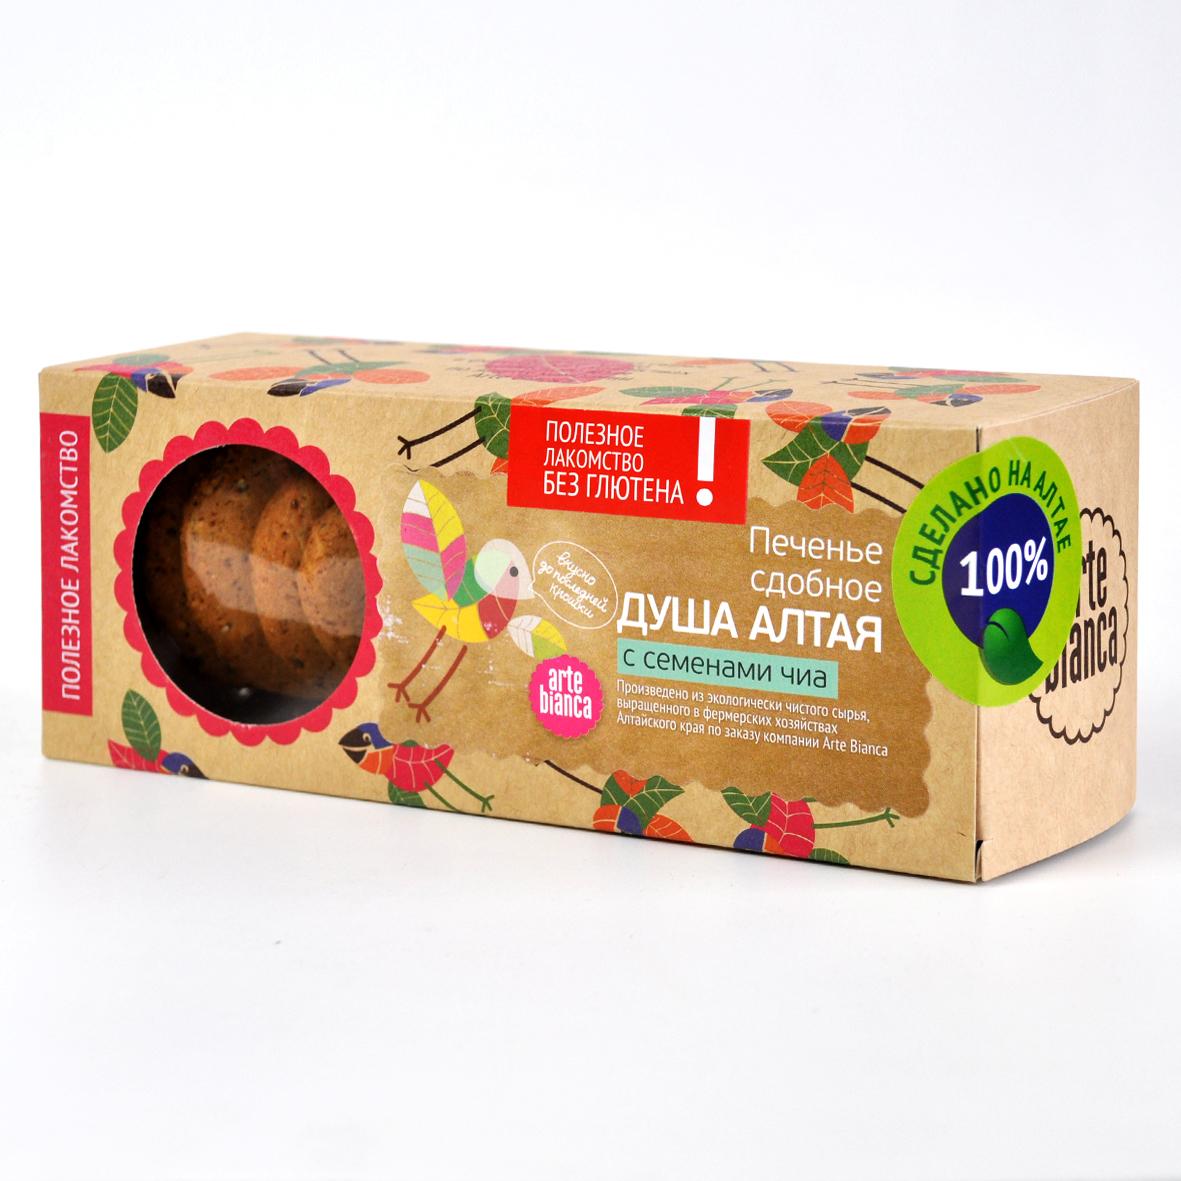 Печенье сдобное без глютена Душа Алтая с семенами чиа Arte Bianca 200 г